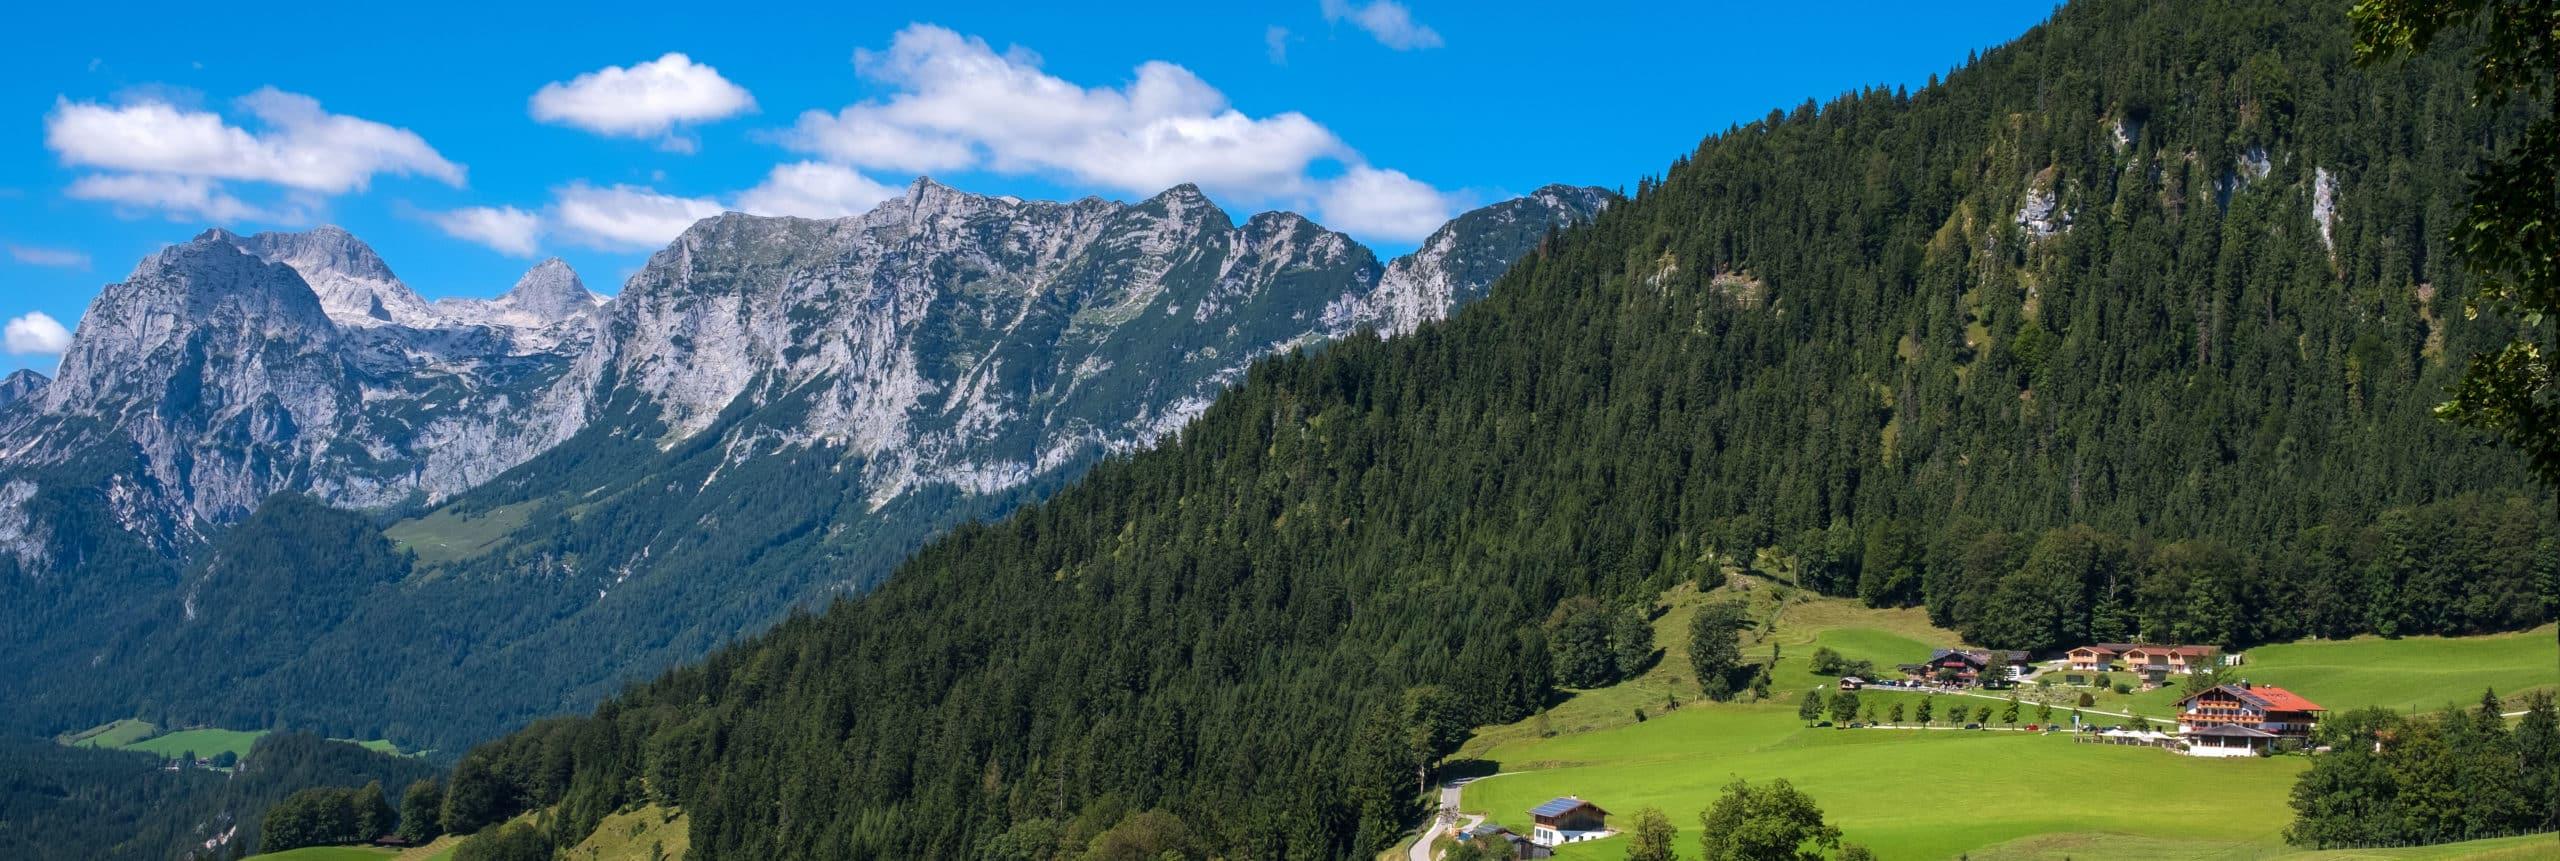 Panoramaansicht Hotel Gasthof Nutzkaser - Im Hintergrund Reiter Alpe